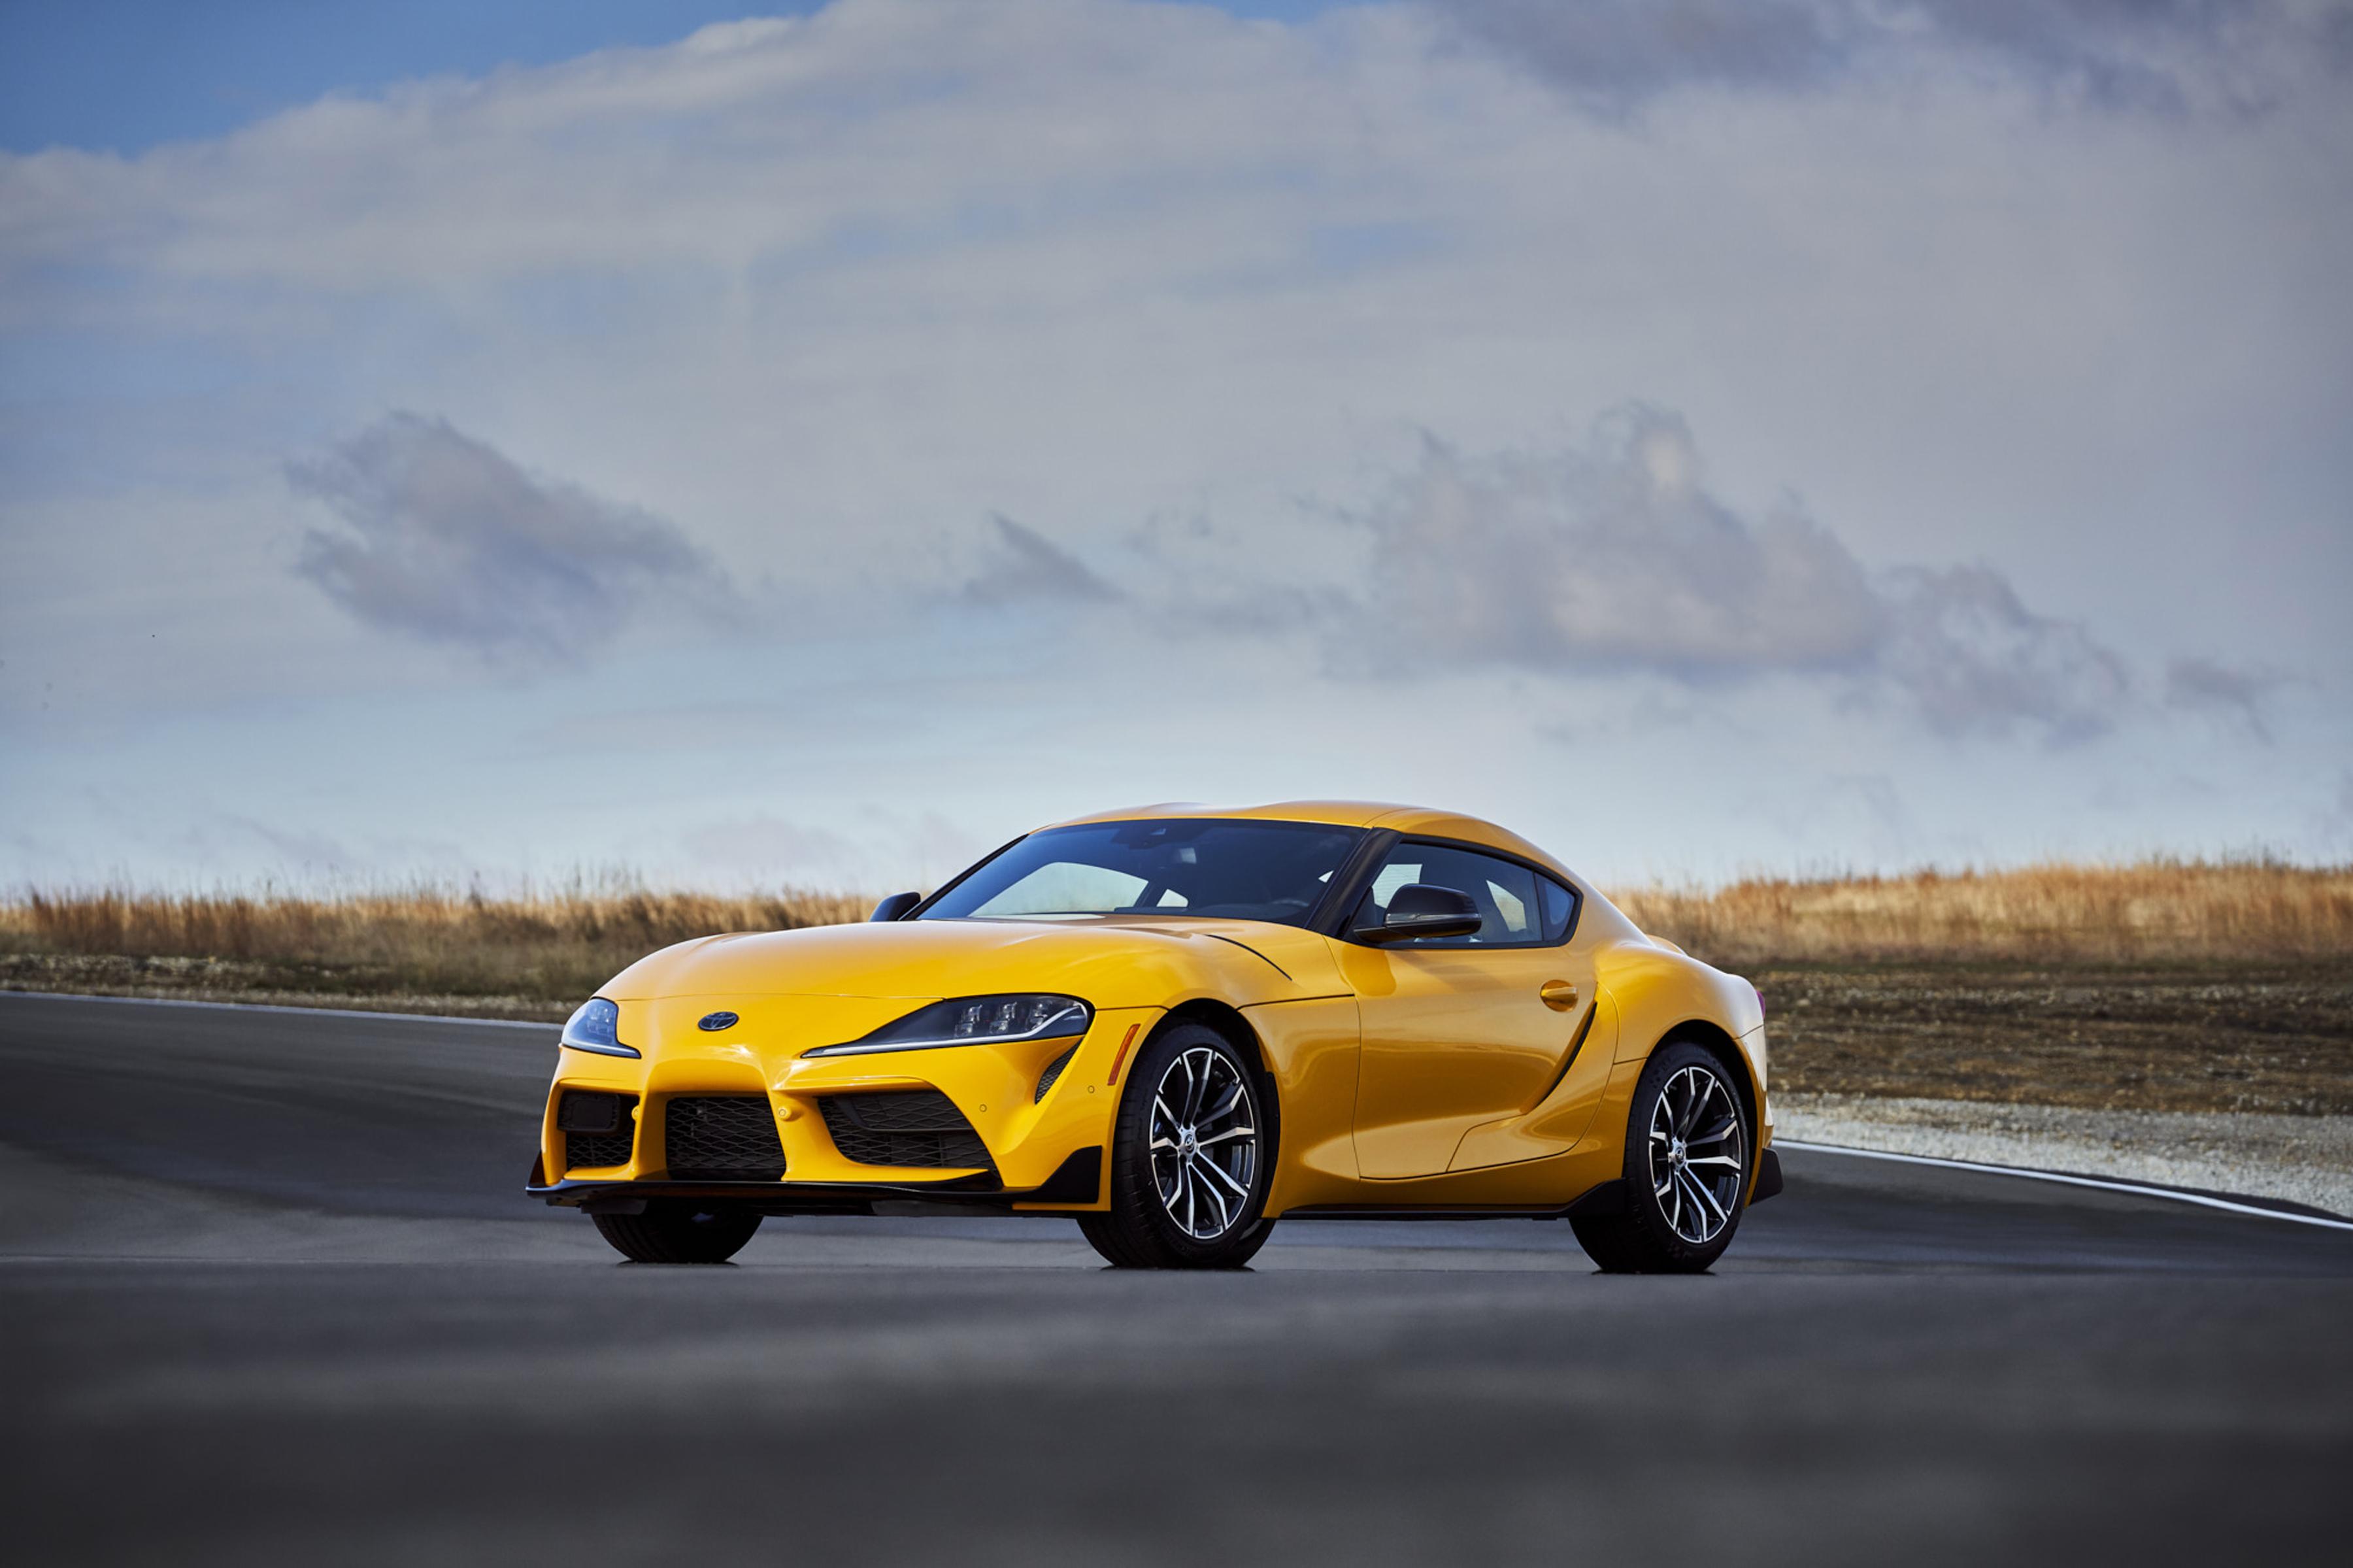 Foto promocional del Toyota Supra 2021 color amarillo